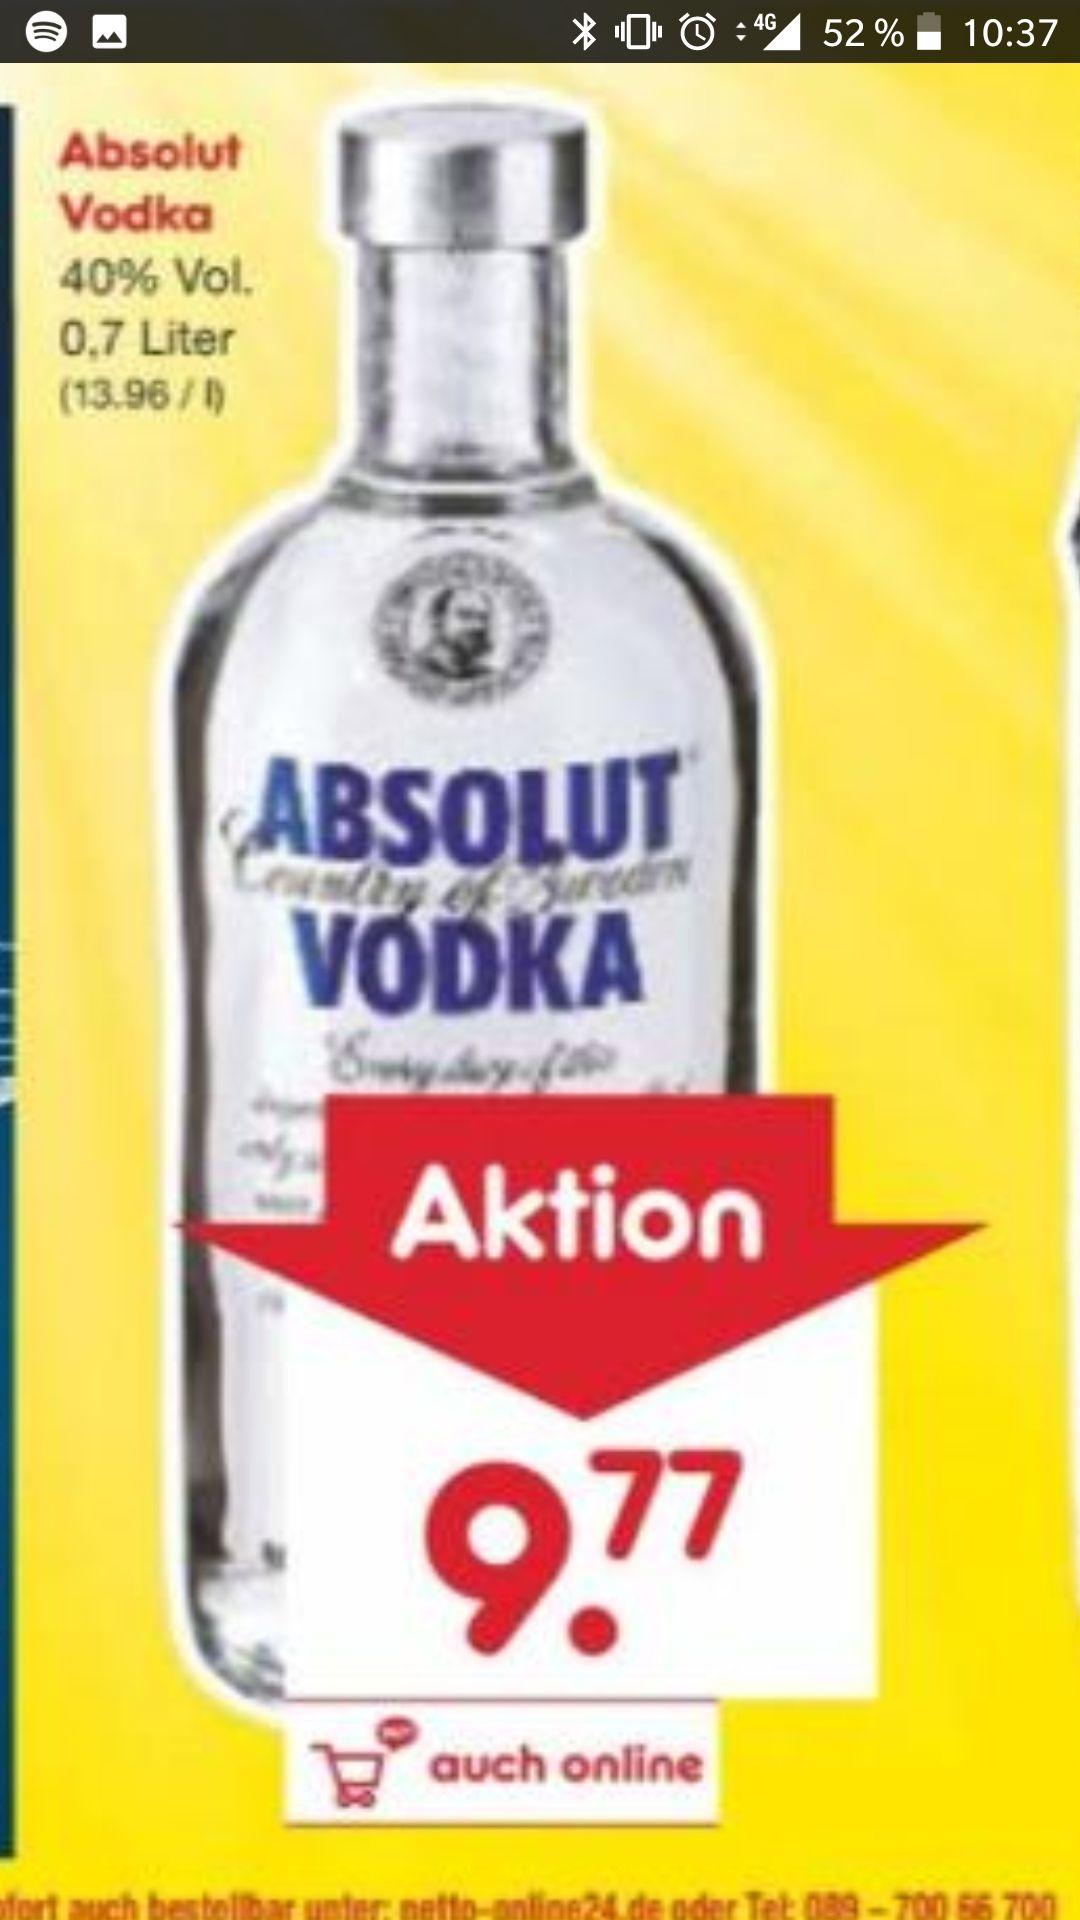 [Netto Märkte] Absolut Wodka 0,7L für 9,77€